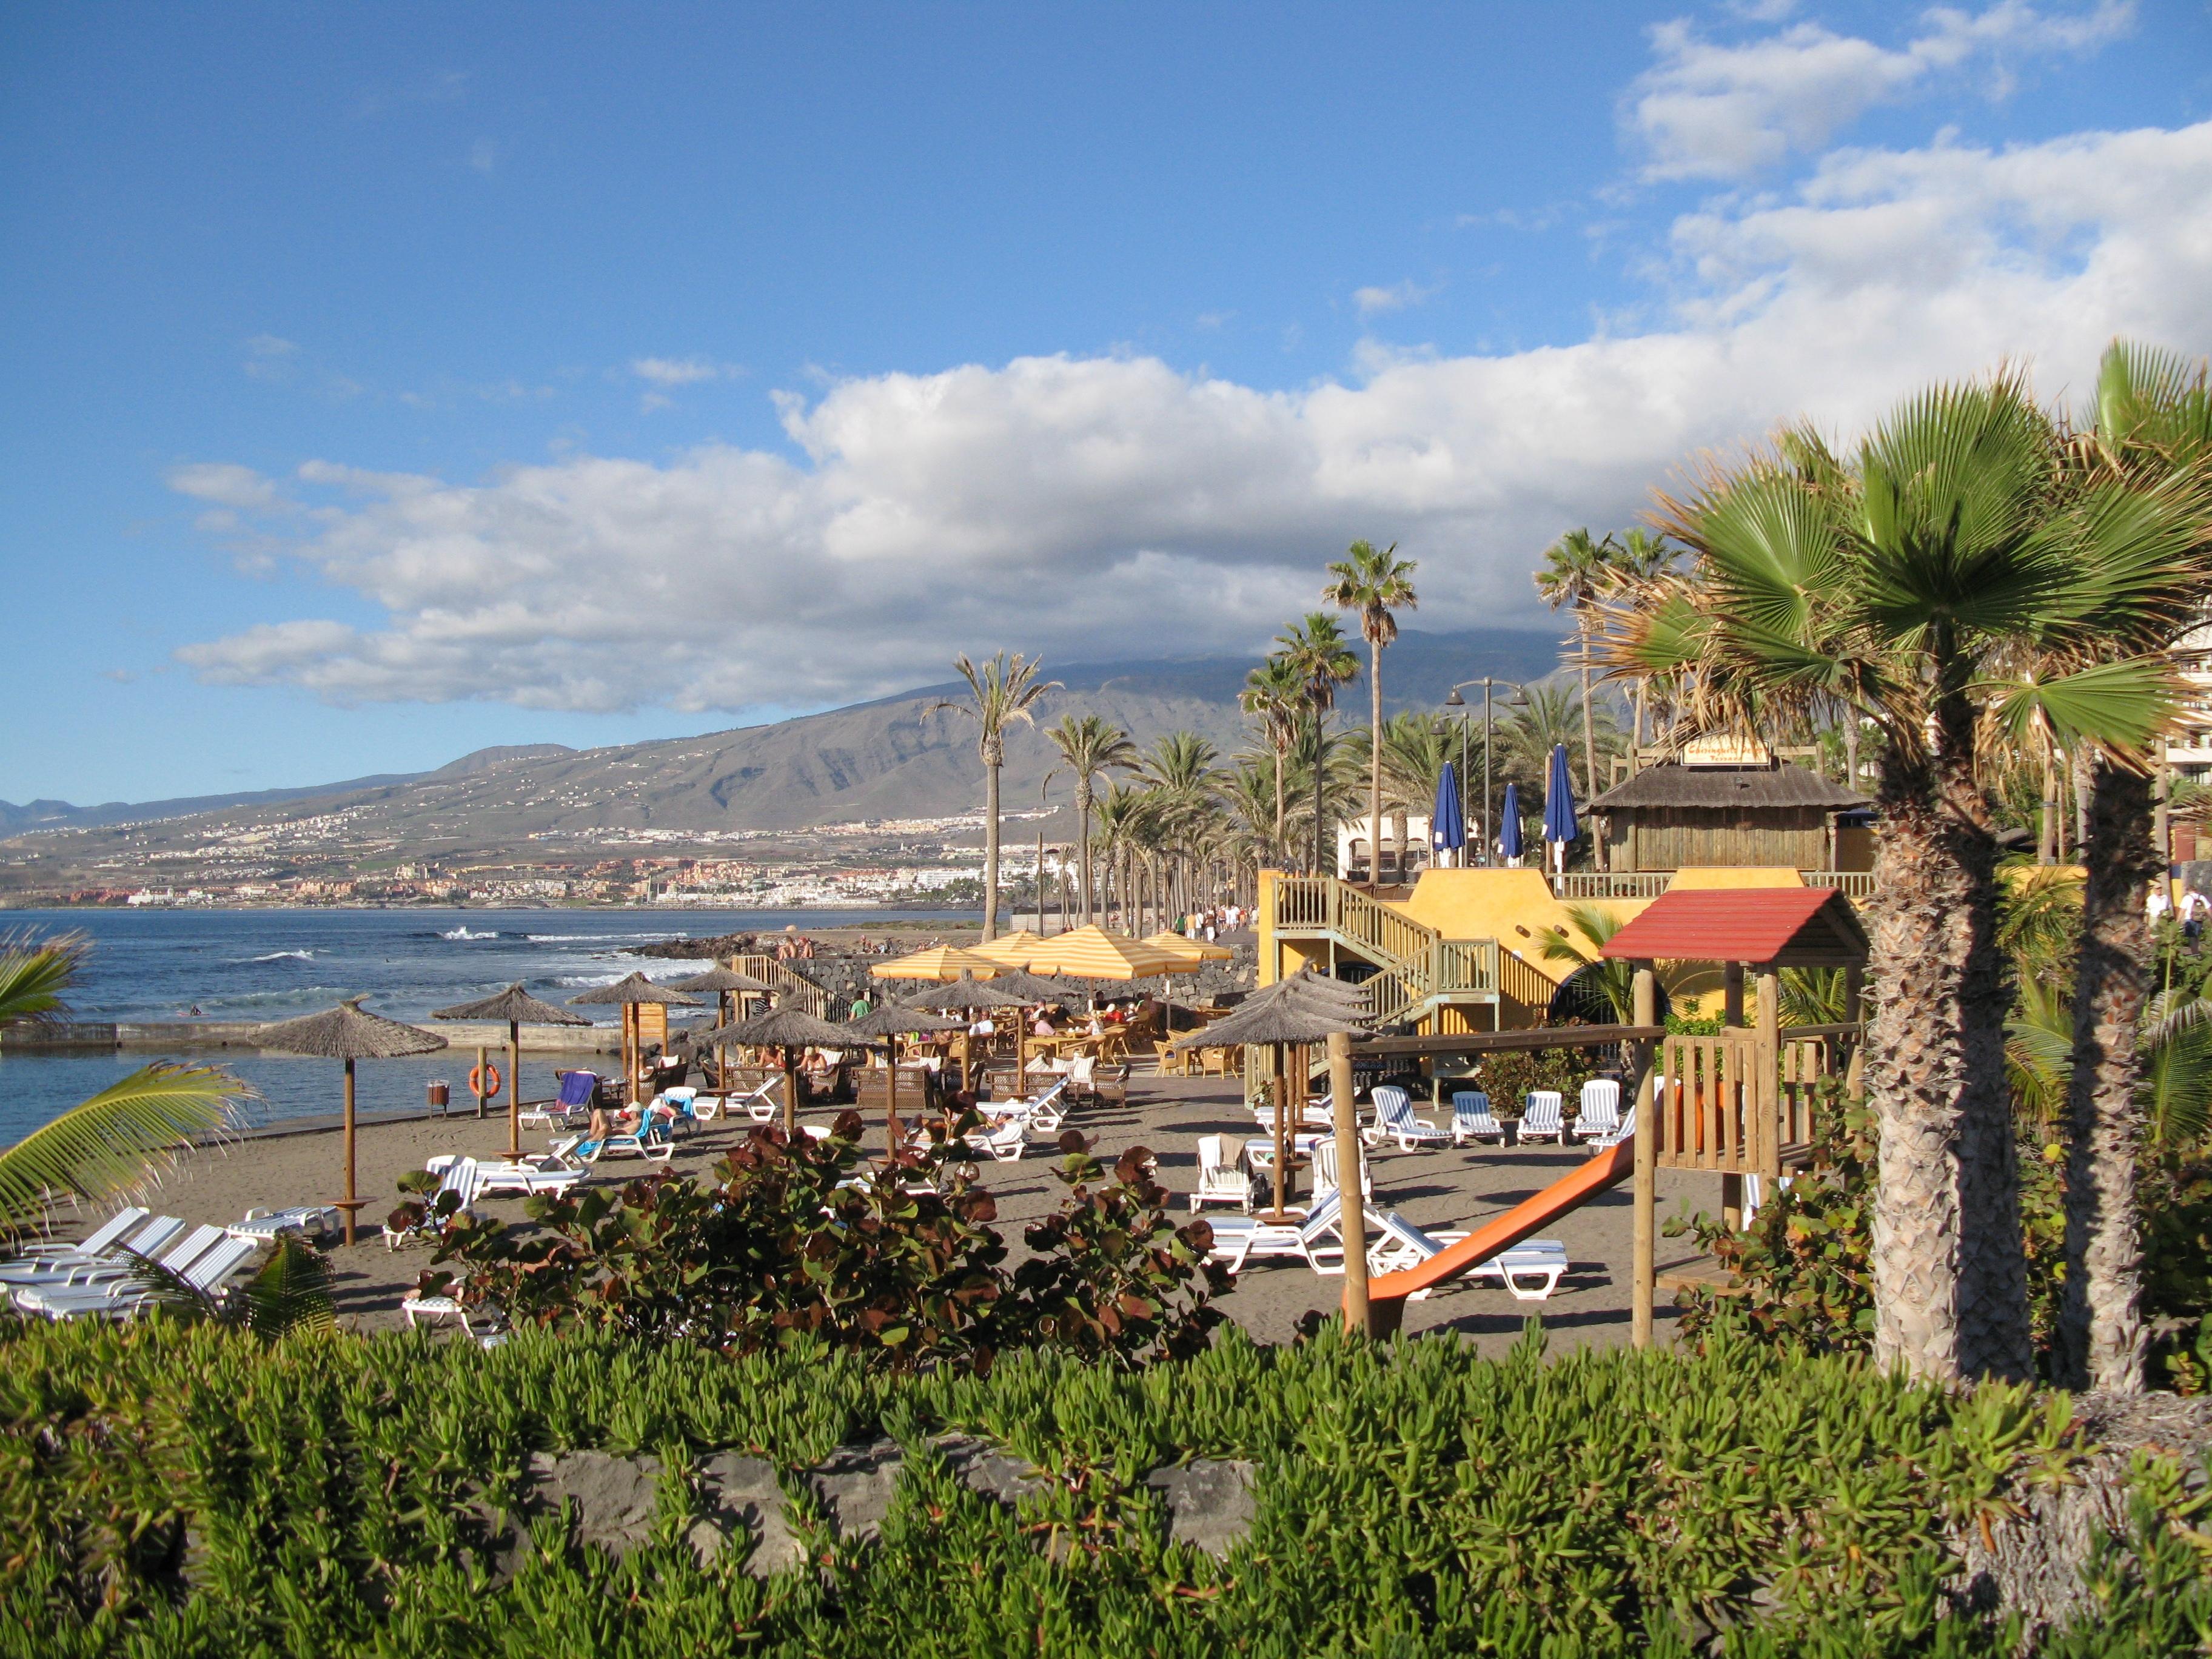 Park Hotel Troya Playa Las Americas